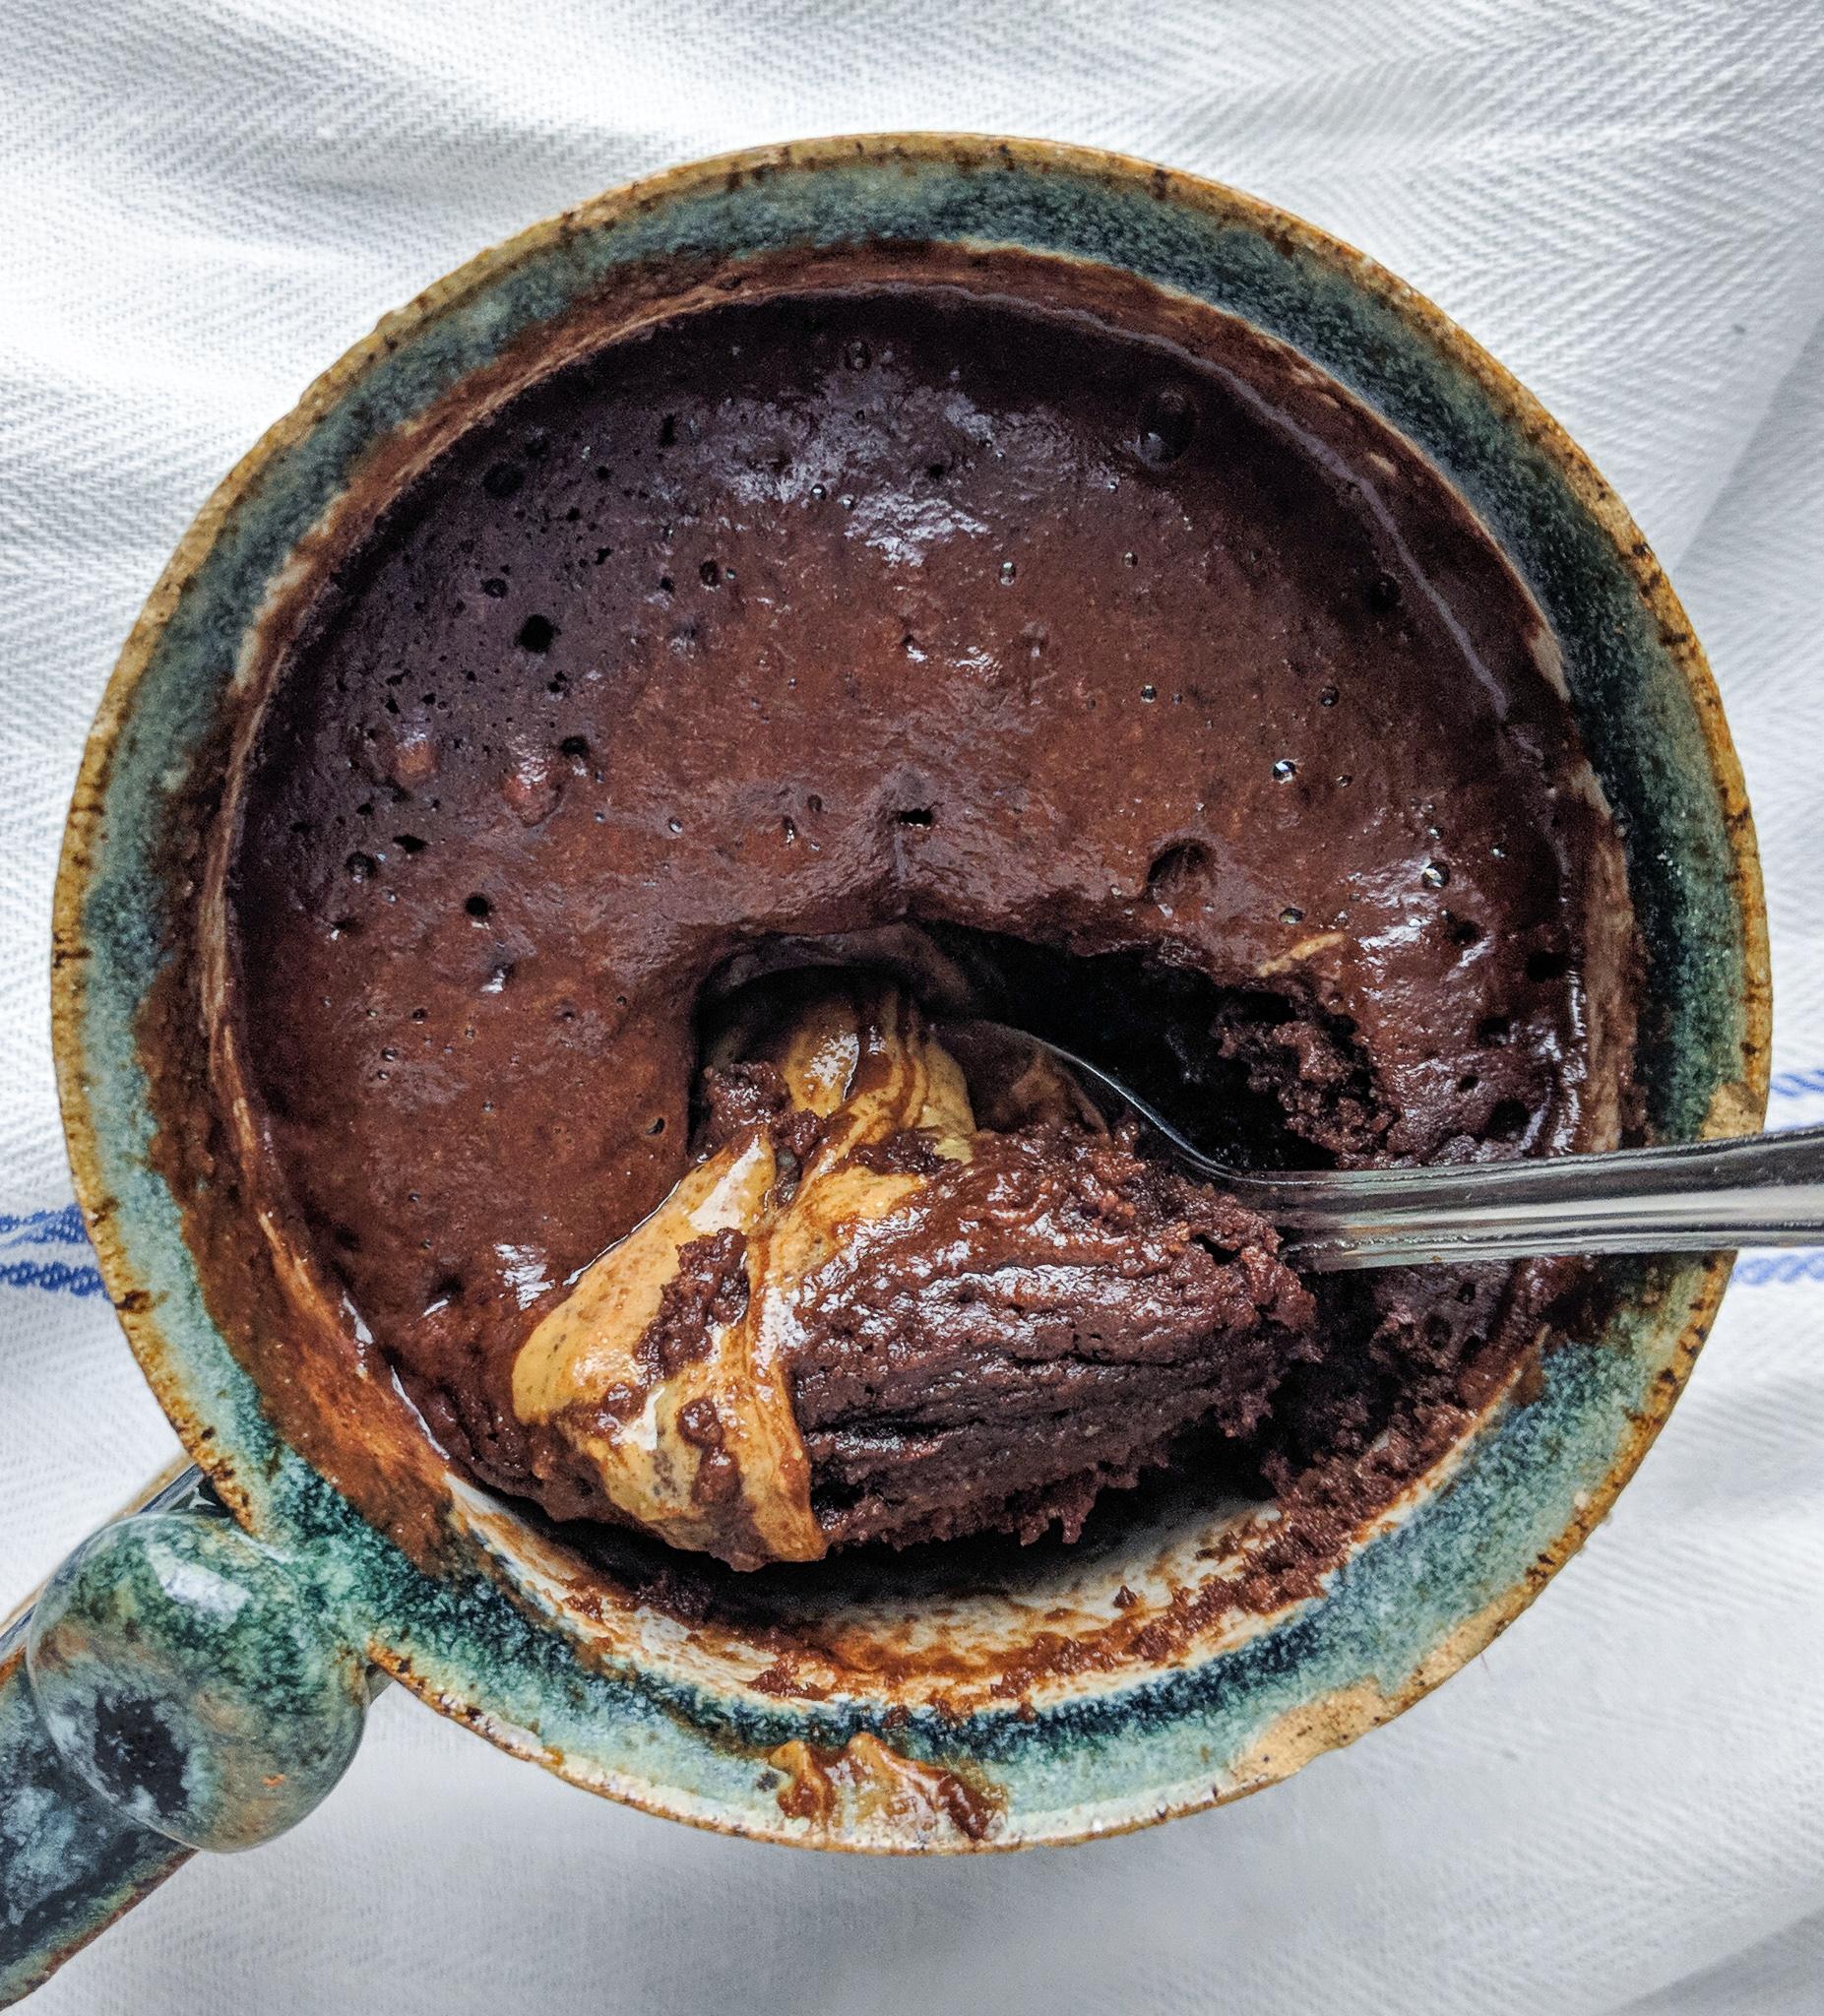 Gluten Free and Vegan Chocolate Mug Cake